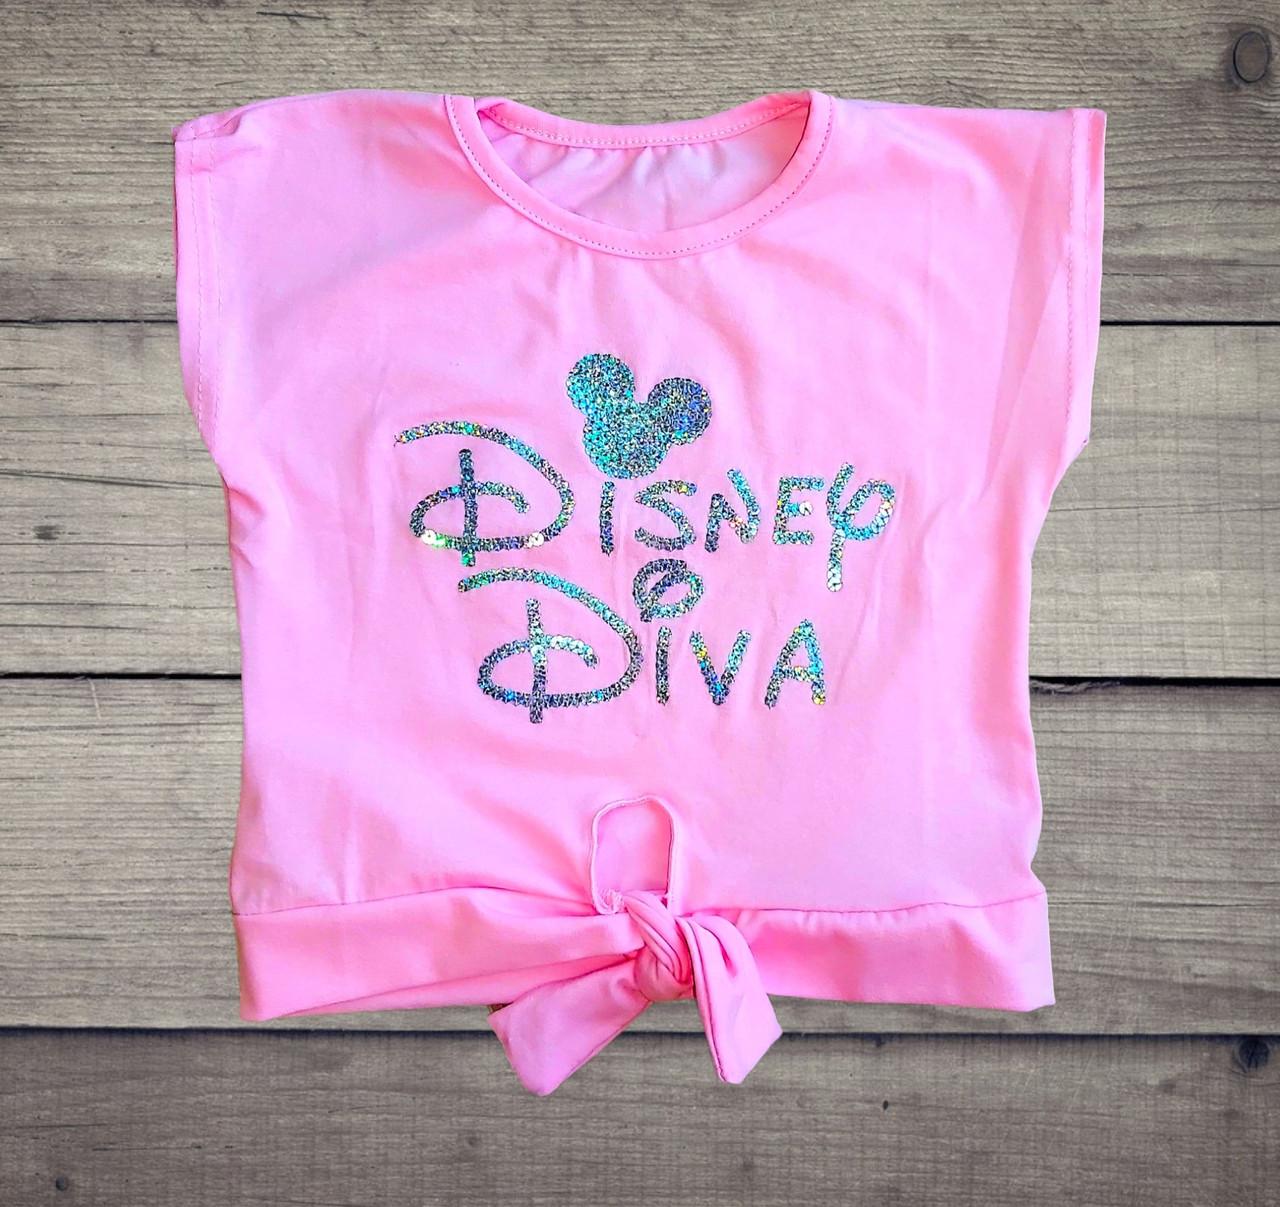 Детская футболка-топ Disney Diva  с пайетками